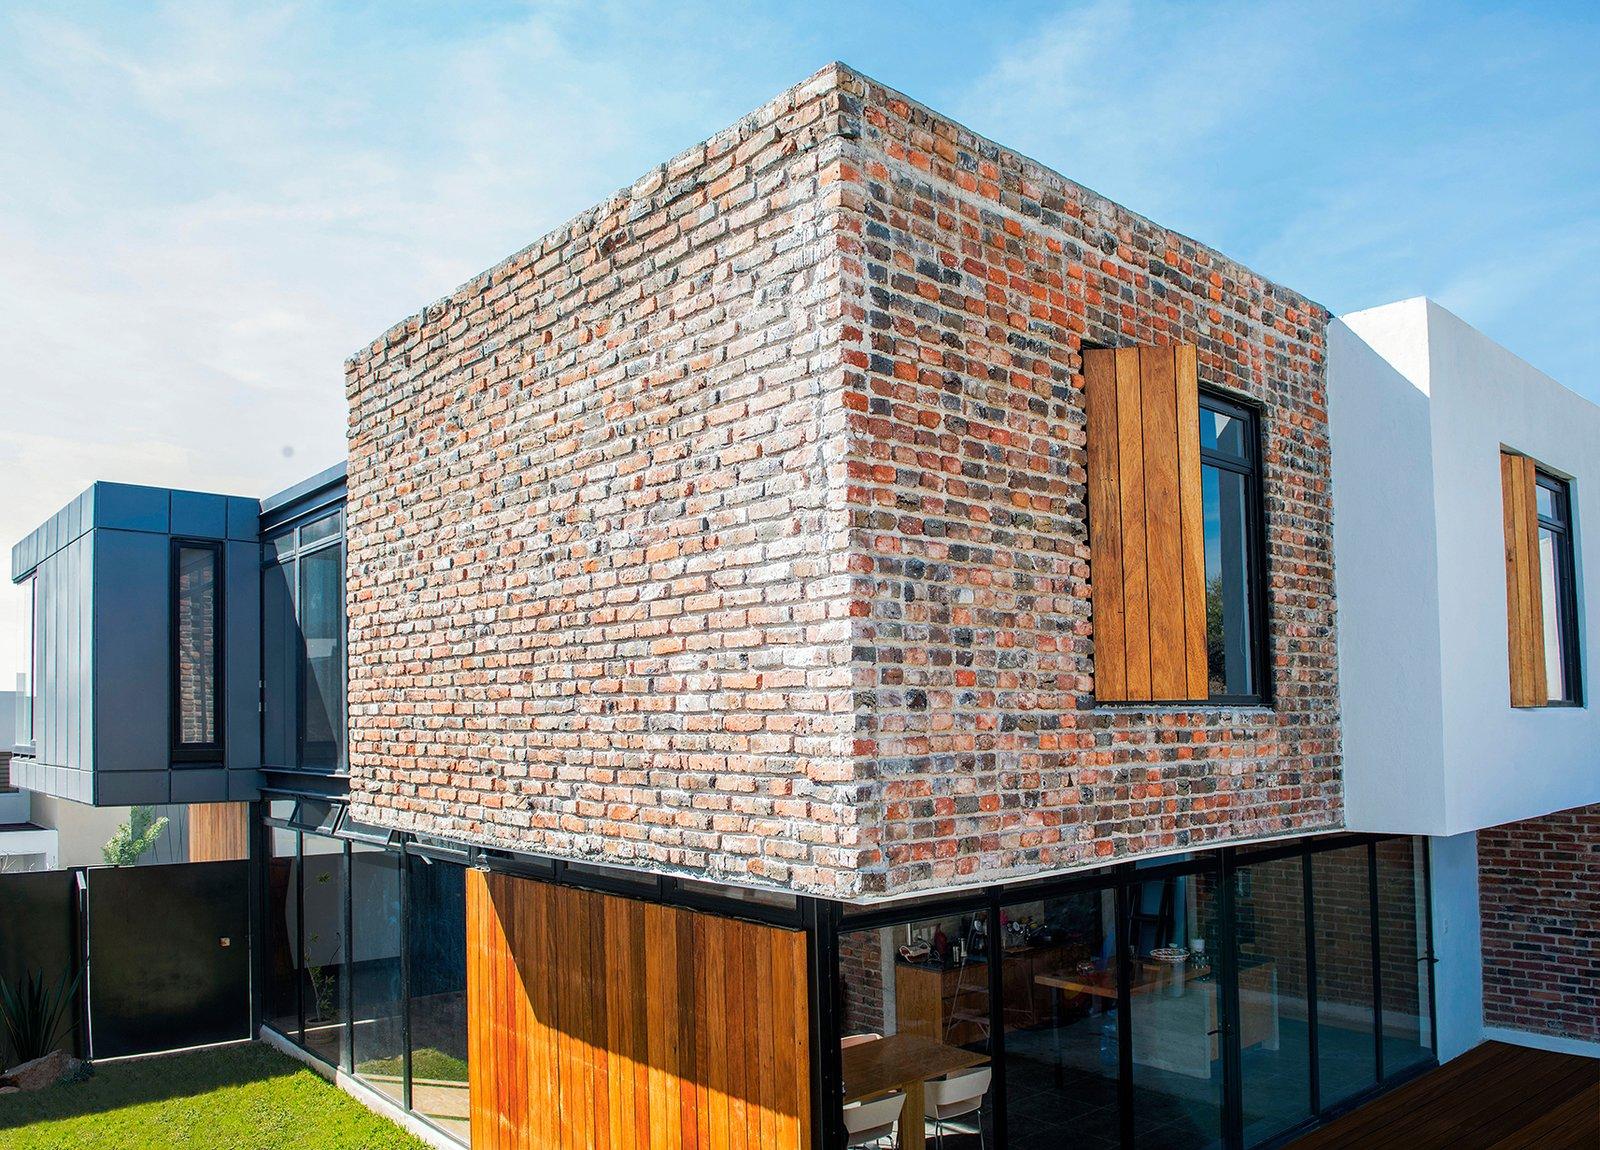 Outdoor, Back Yard, Garden, Grass, and Gardens South East Facade  Casa MA by e|arquitectos